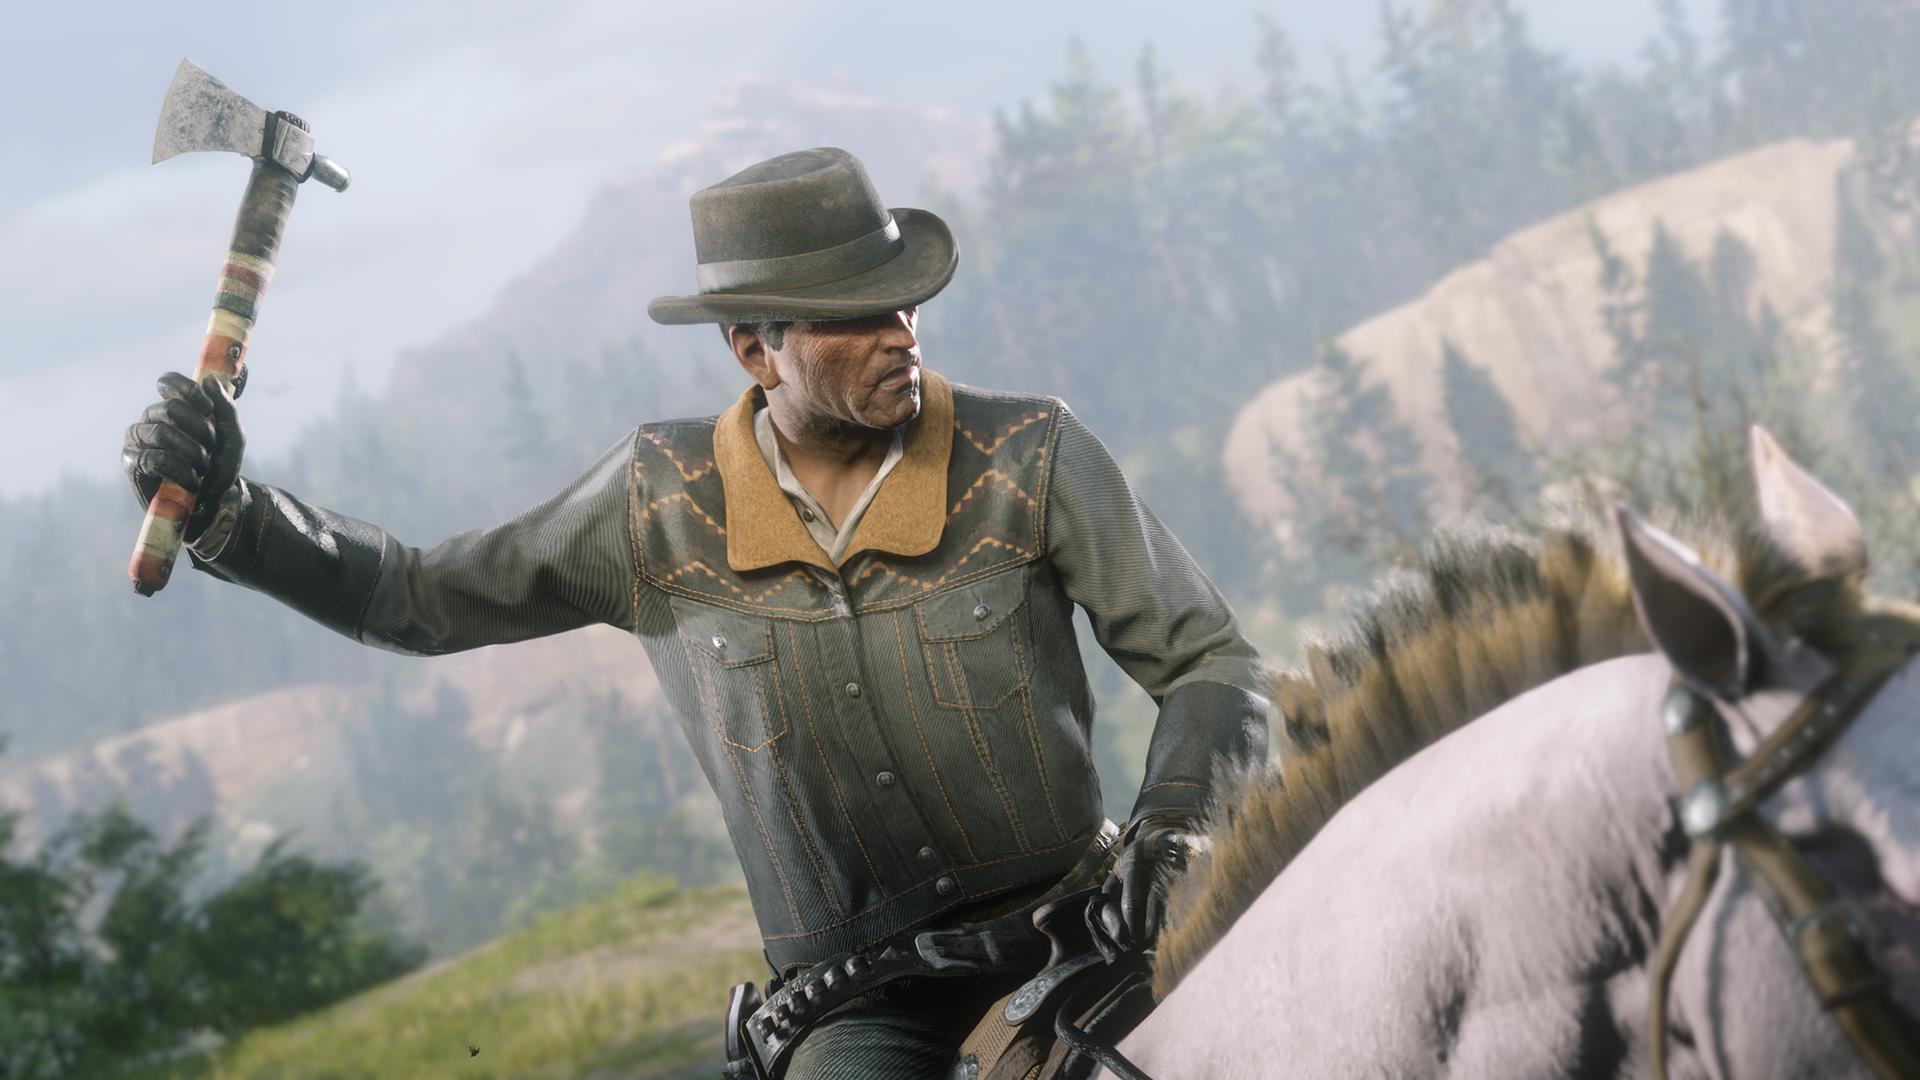 L'ancien tomahawk ainsi qu'un cheval sont exclusifs à la PS4 sur Red Dead Online